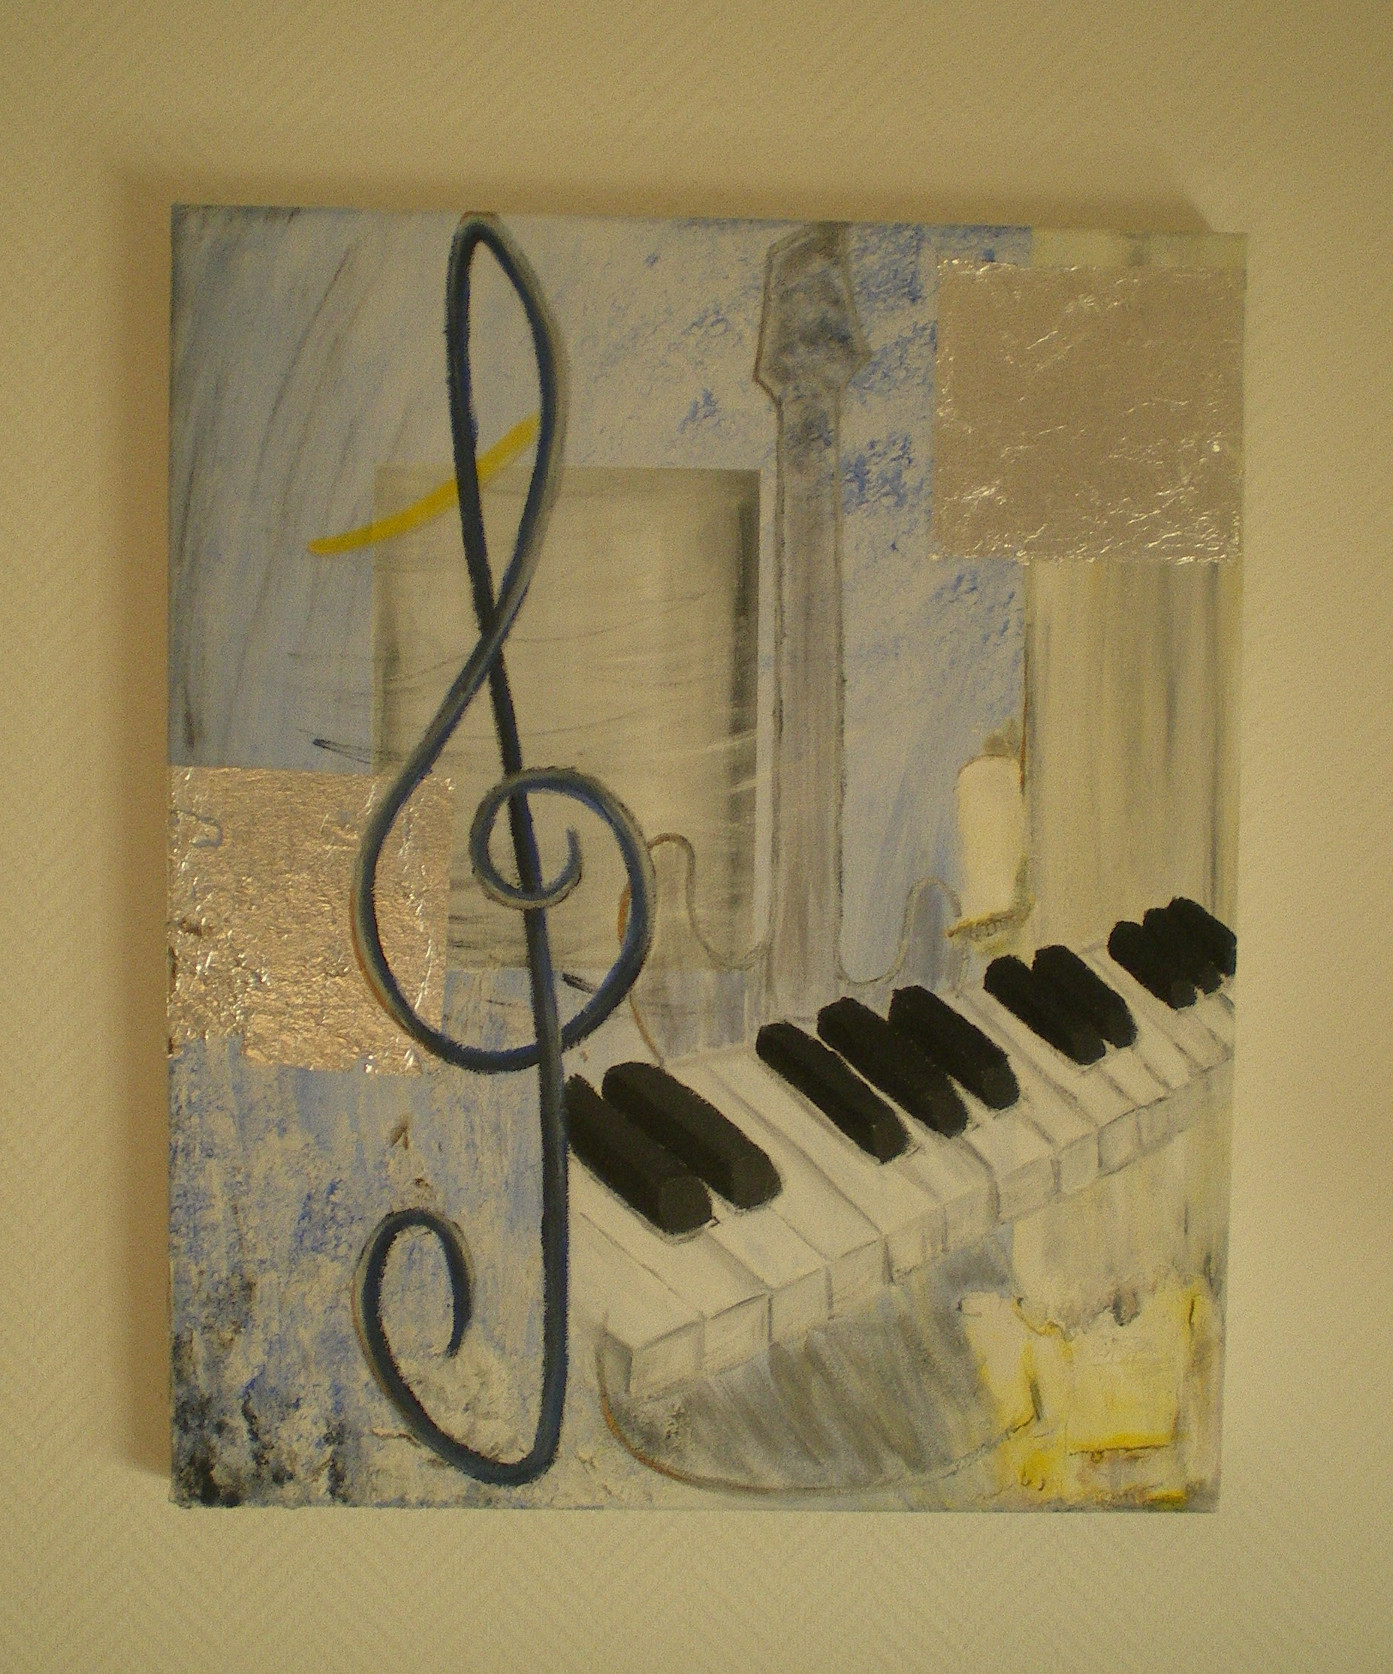 Musikbild